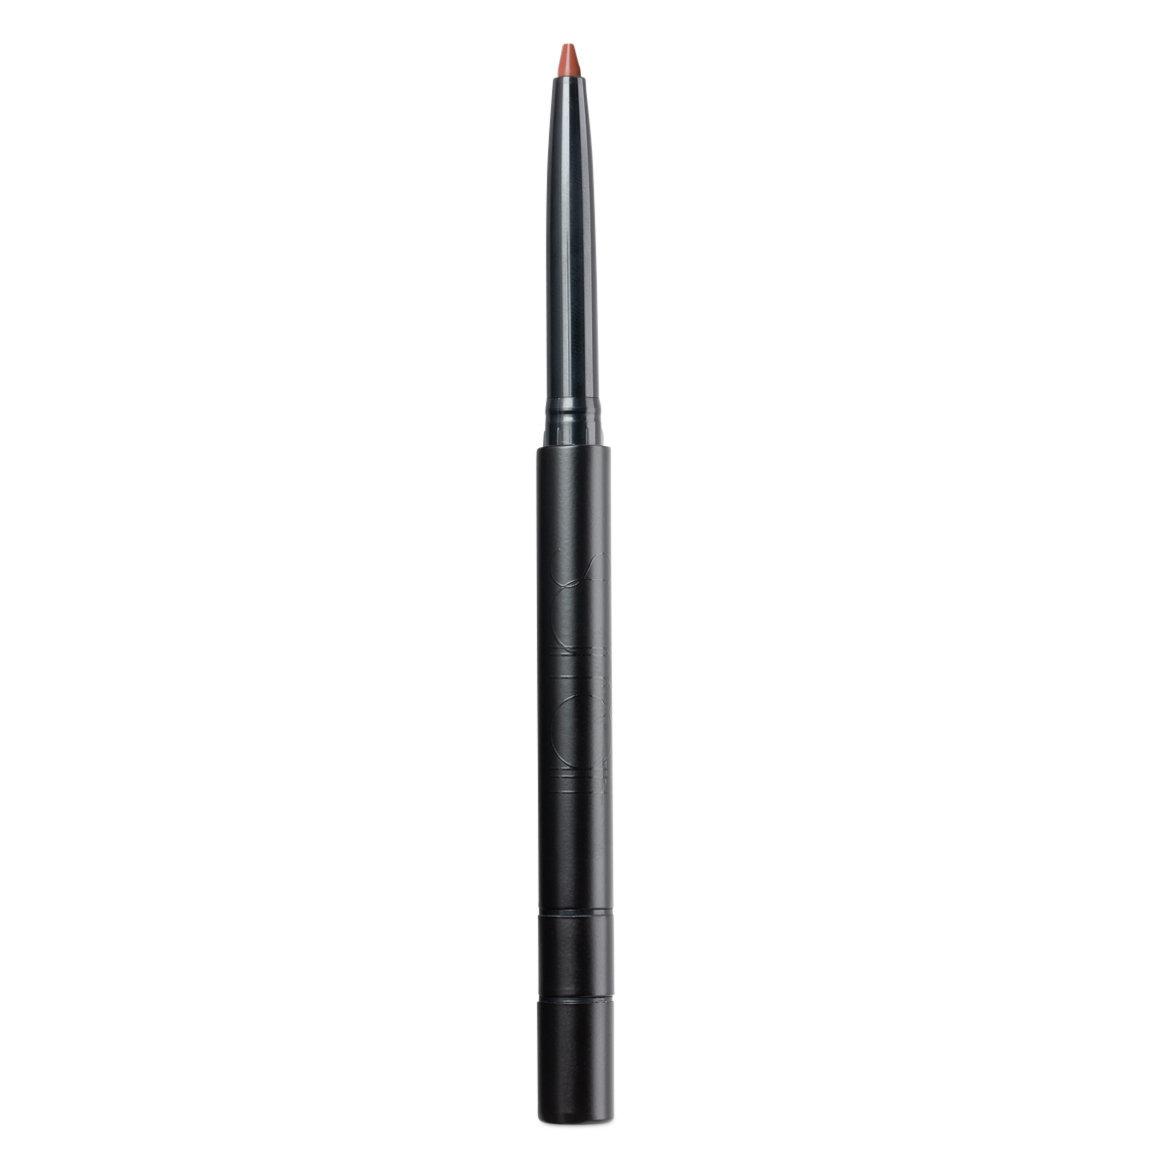 Surratt Beauty Moderniste Lip Pencil Faire La Bise